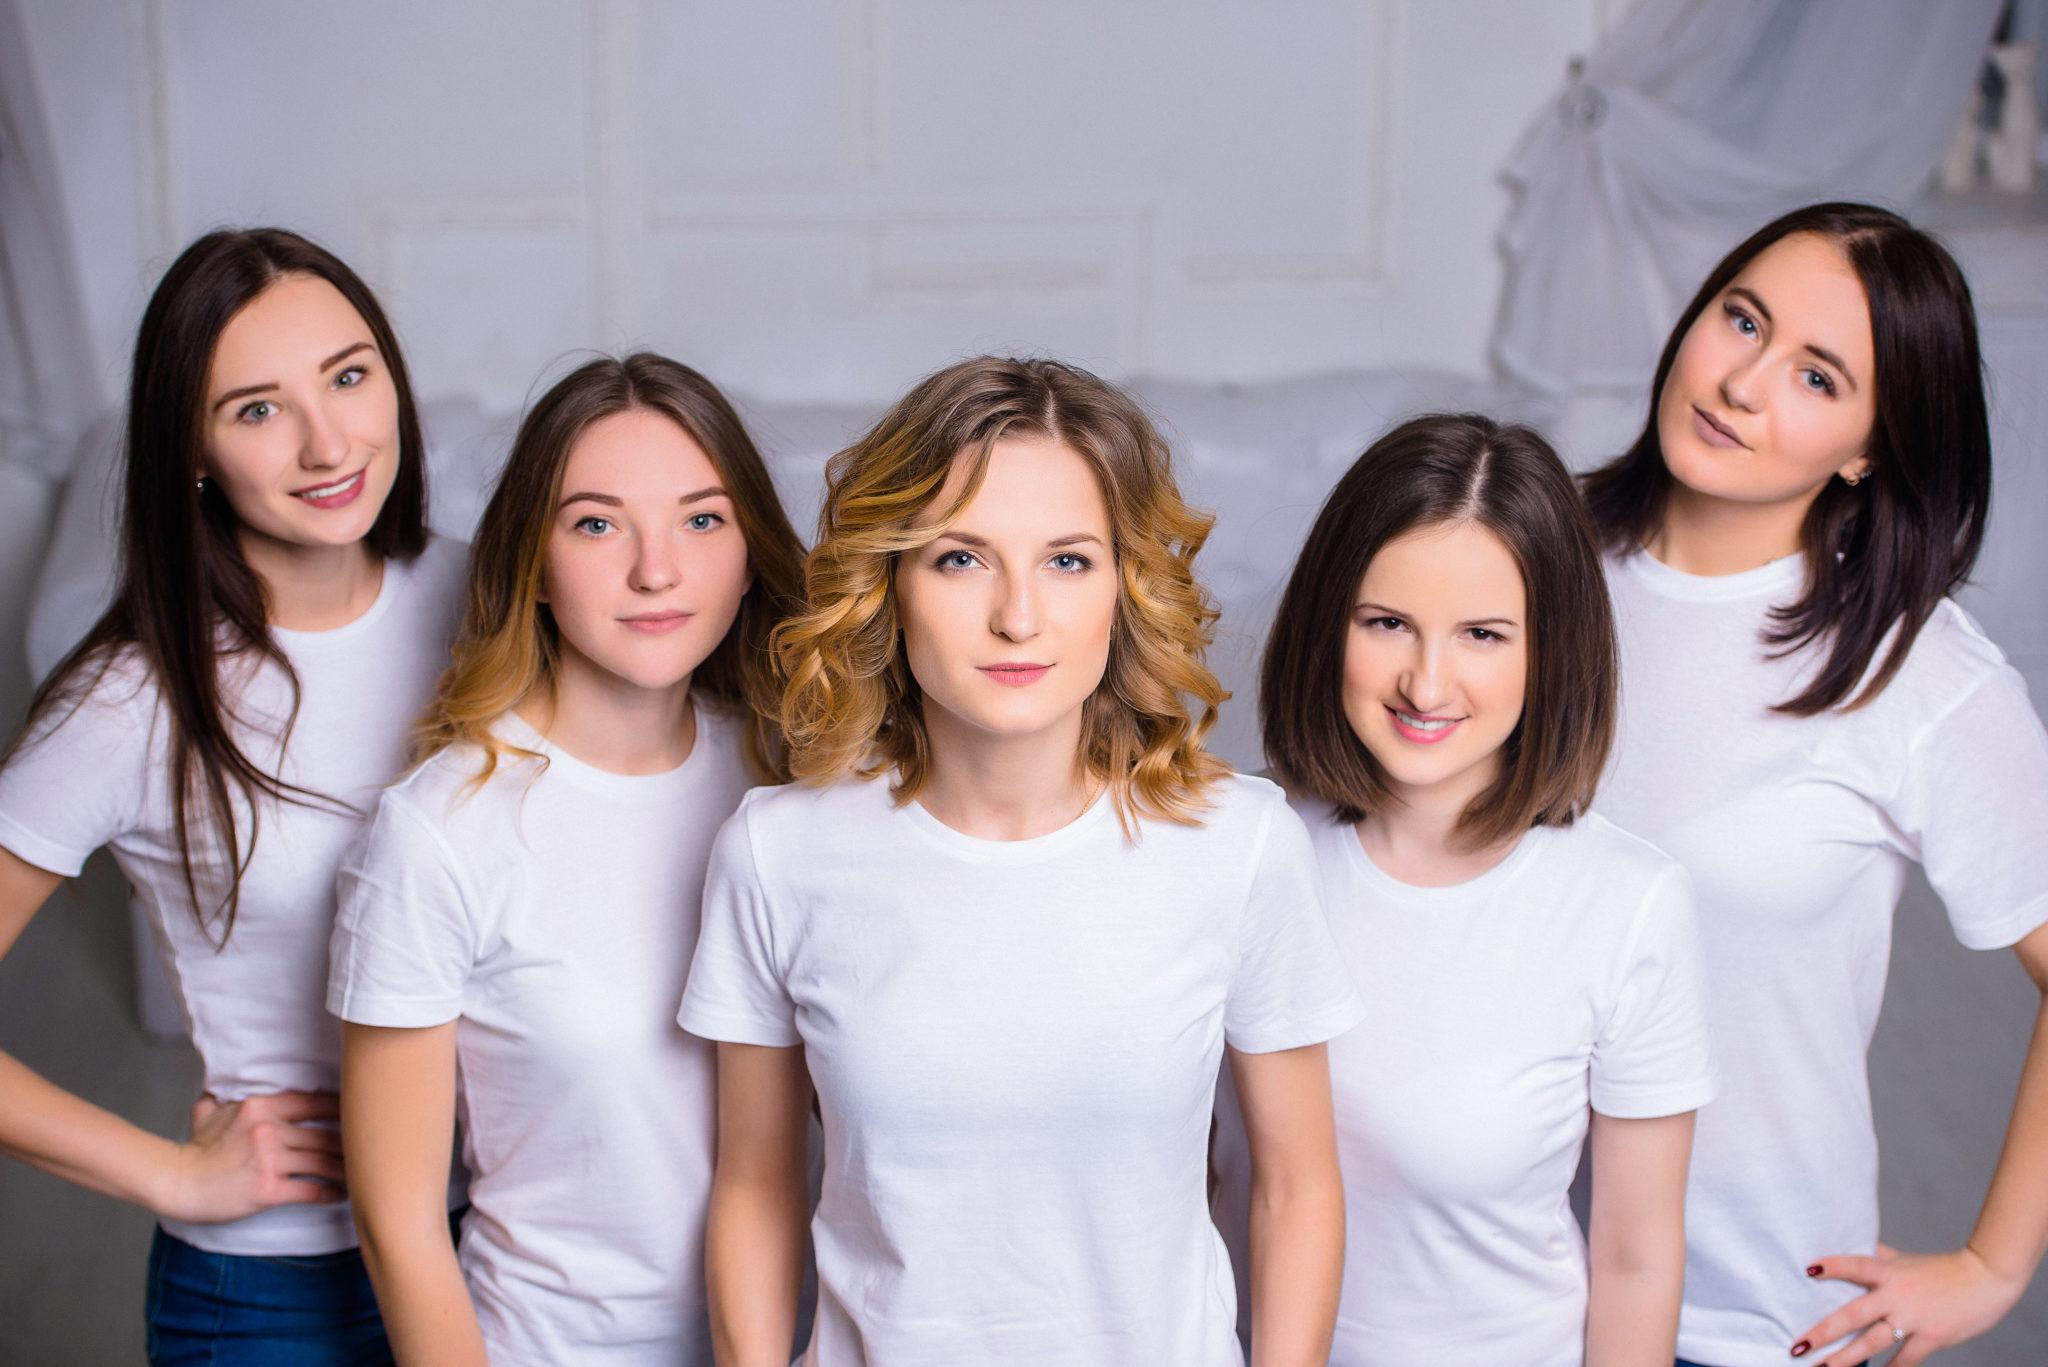 Девичник в студии, 5 девушек на белом фоне в белых футболках